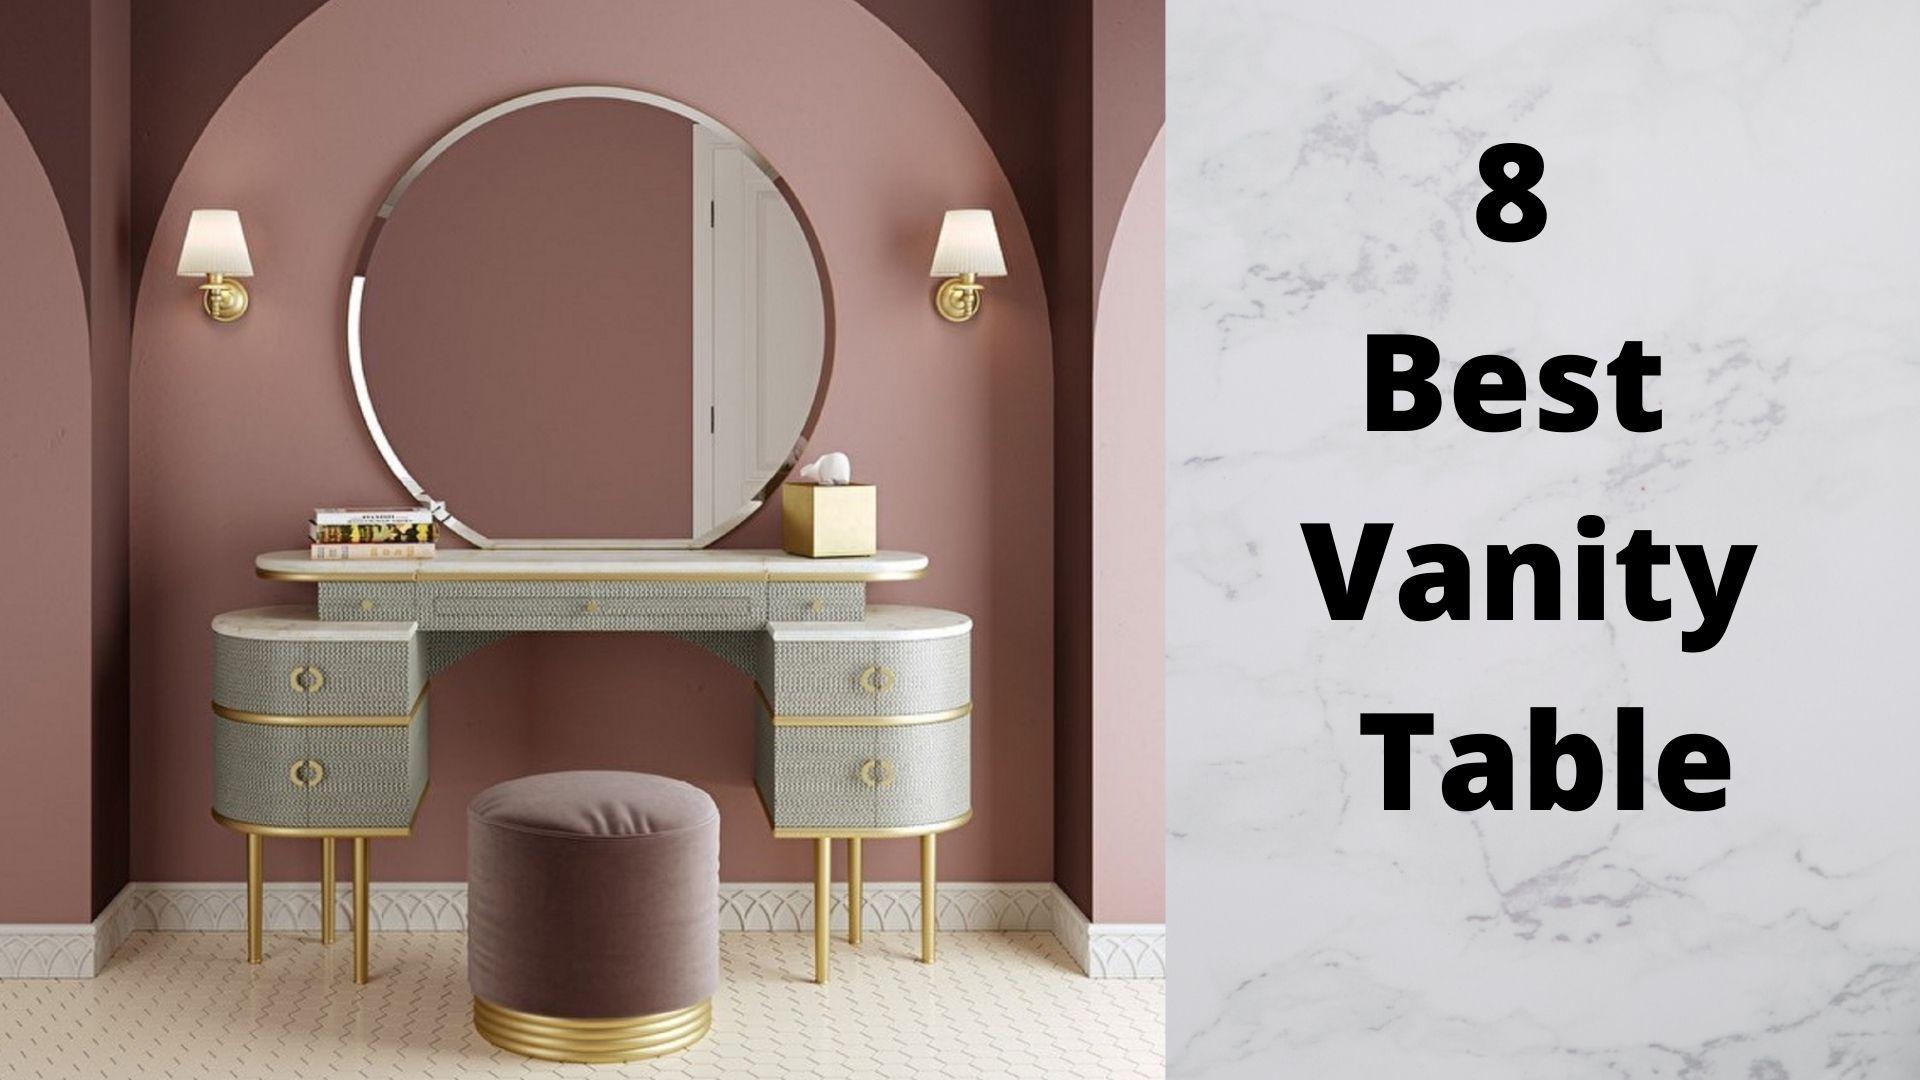 Best Vanity Table